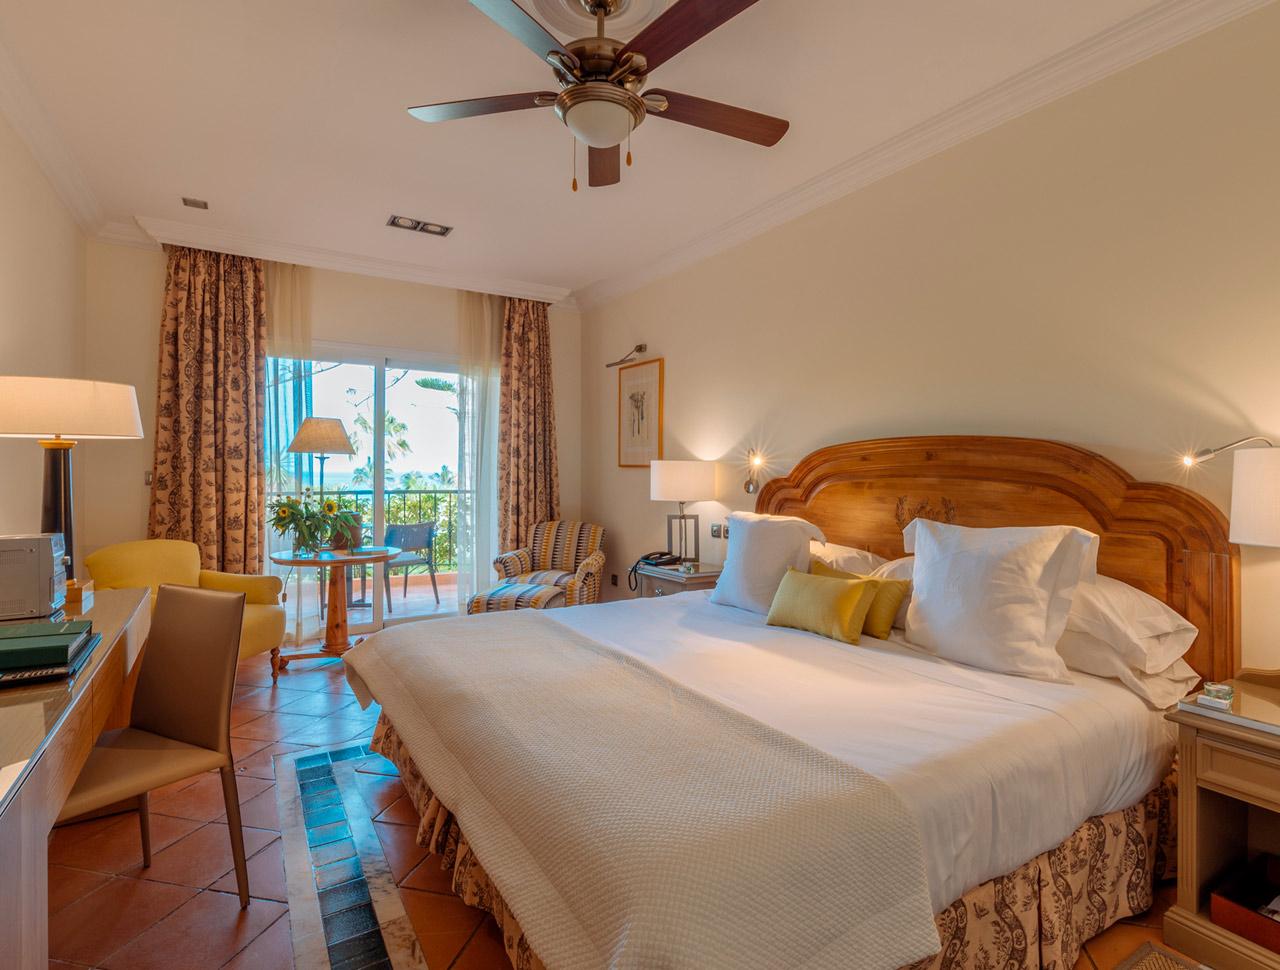 Double room Casas Ducales room